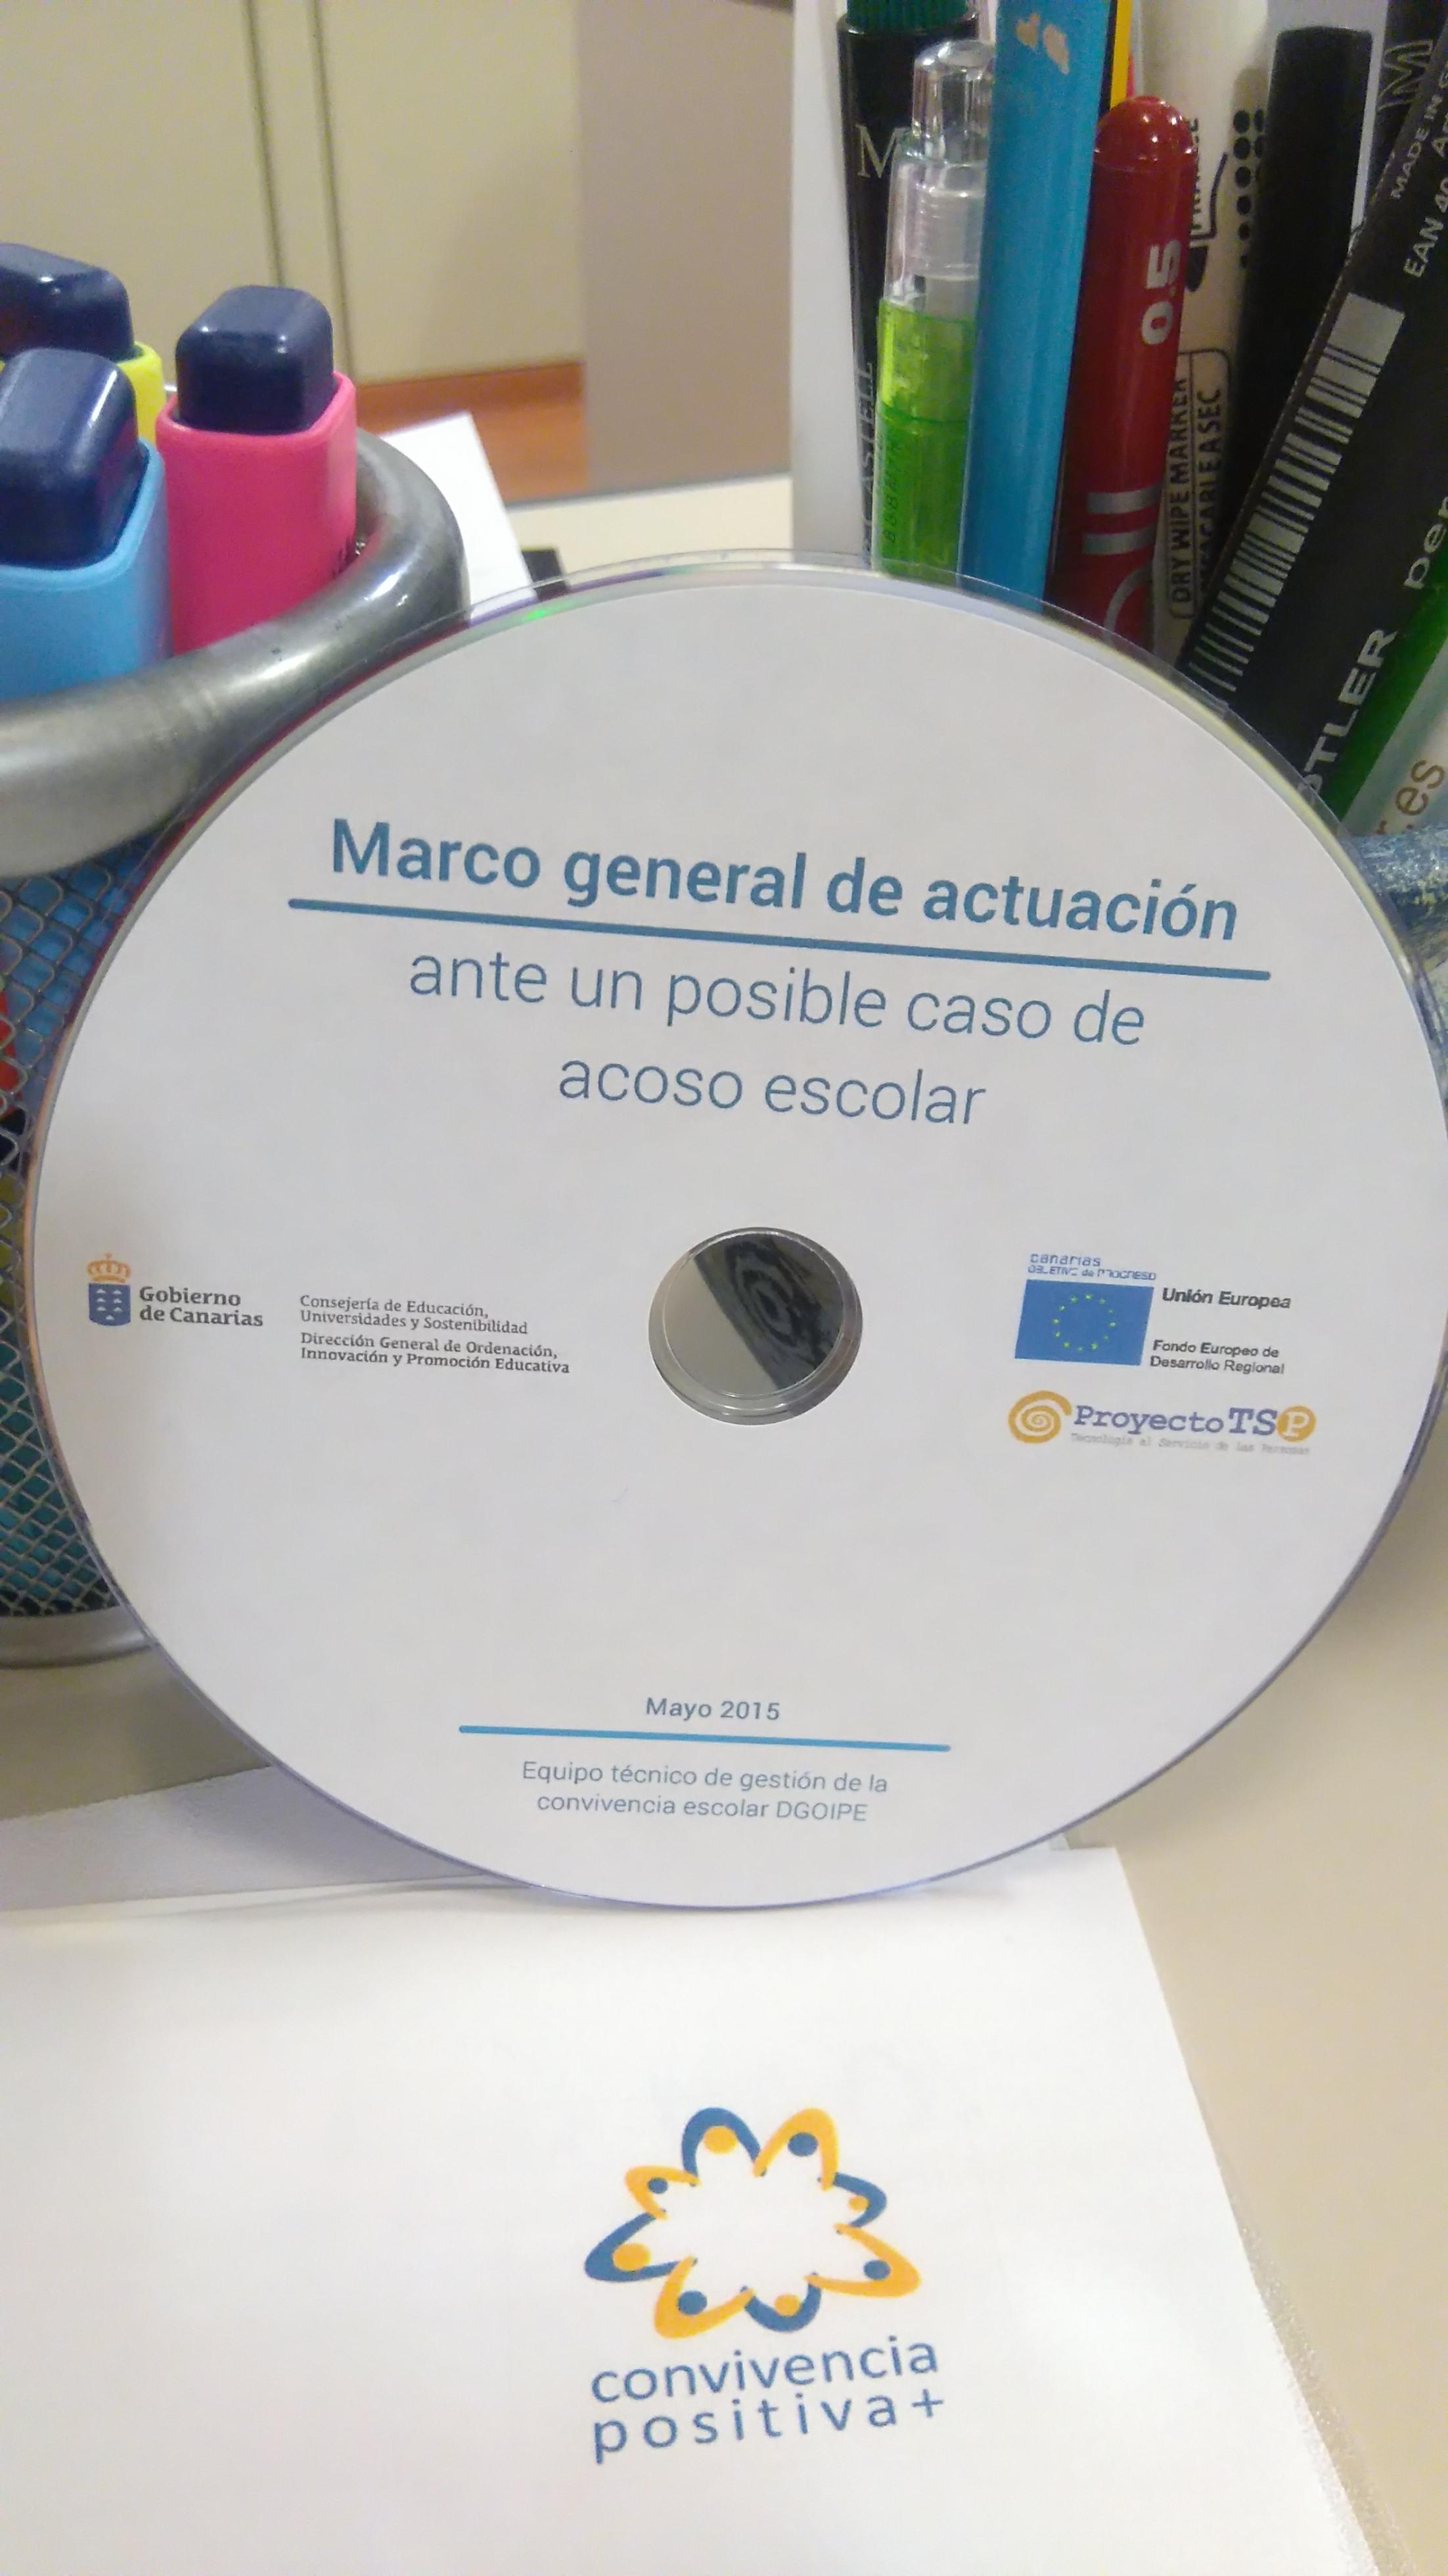 SOPORTE DVD: MARCO GENERAL DE ACTUACIÓN ANTE UN POSIBLE ACOSO ...